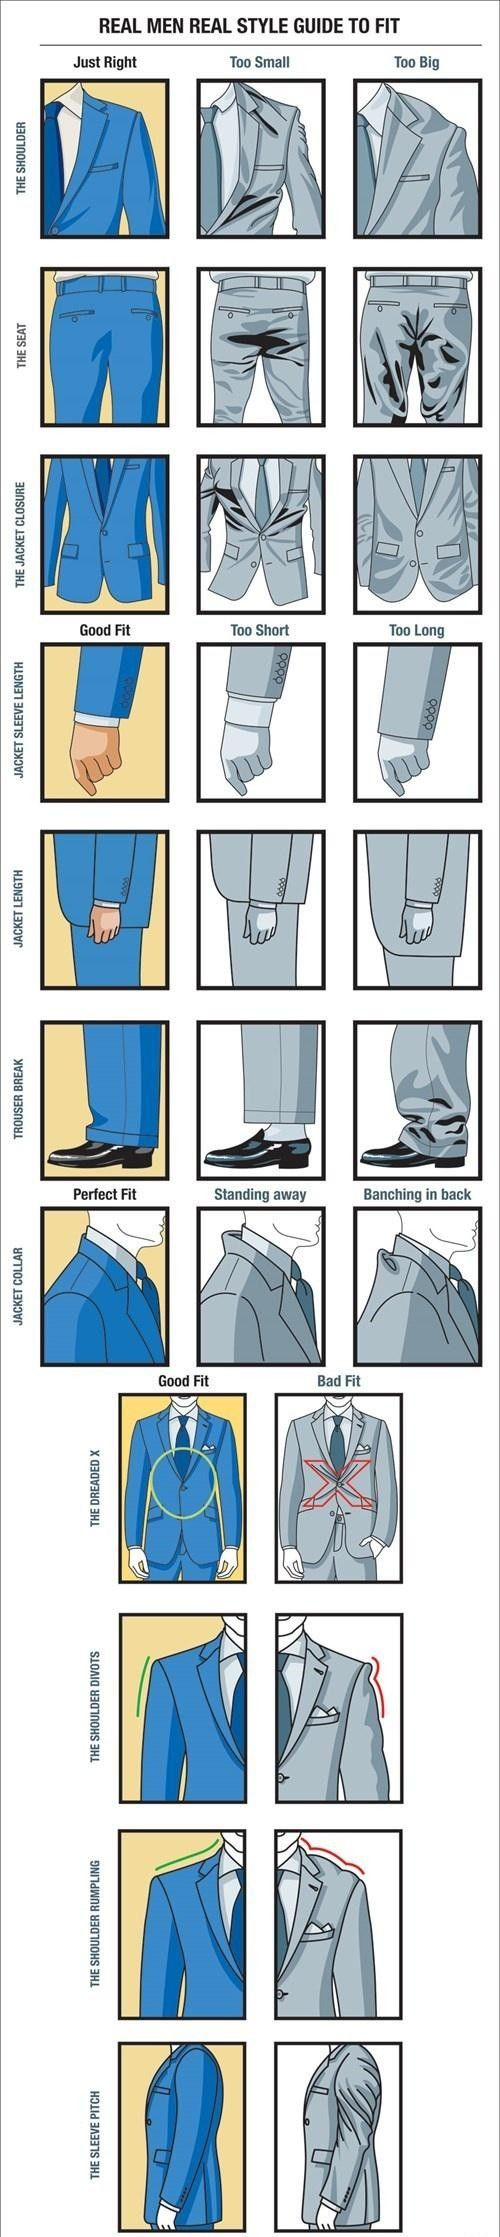 Suit guide